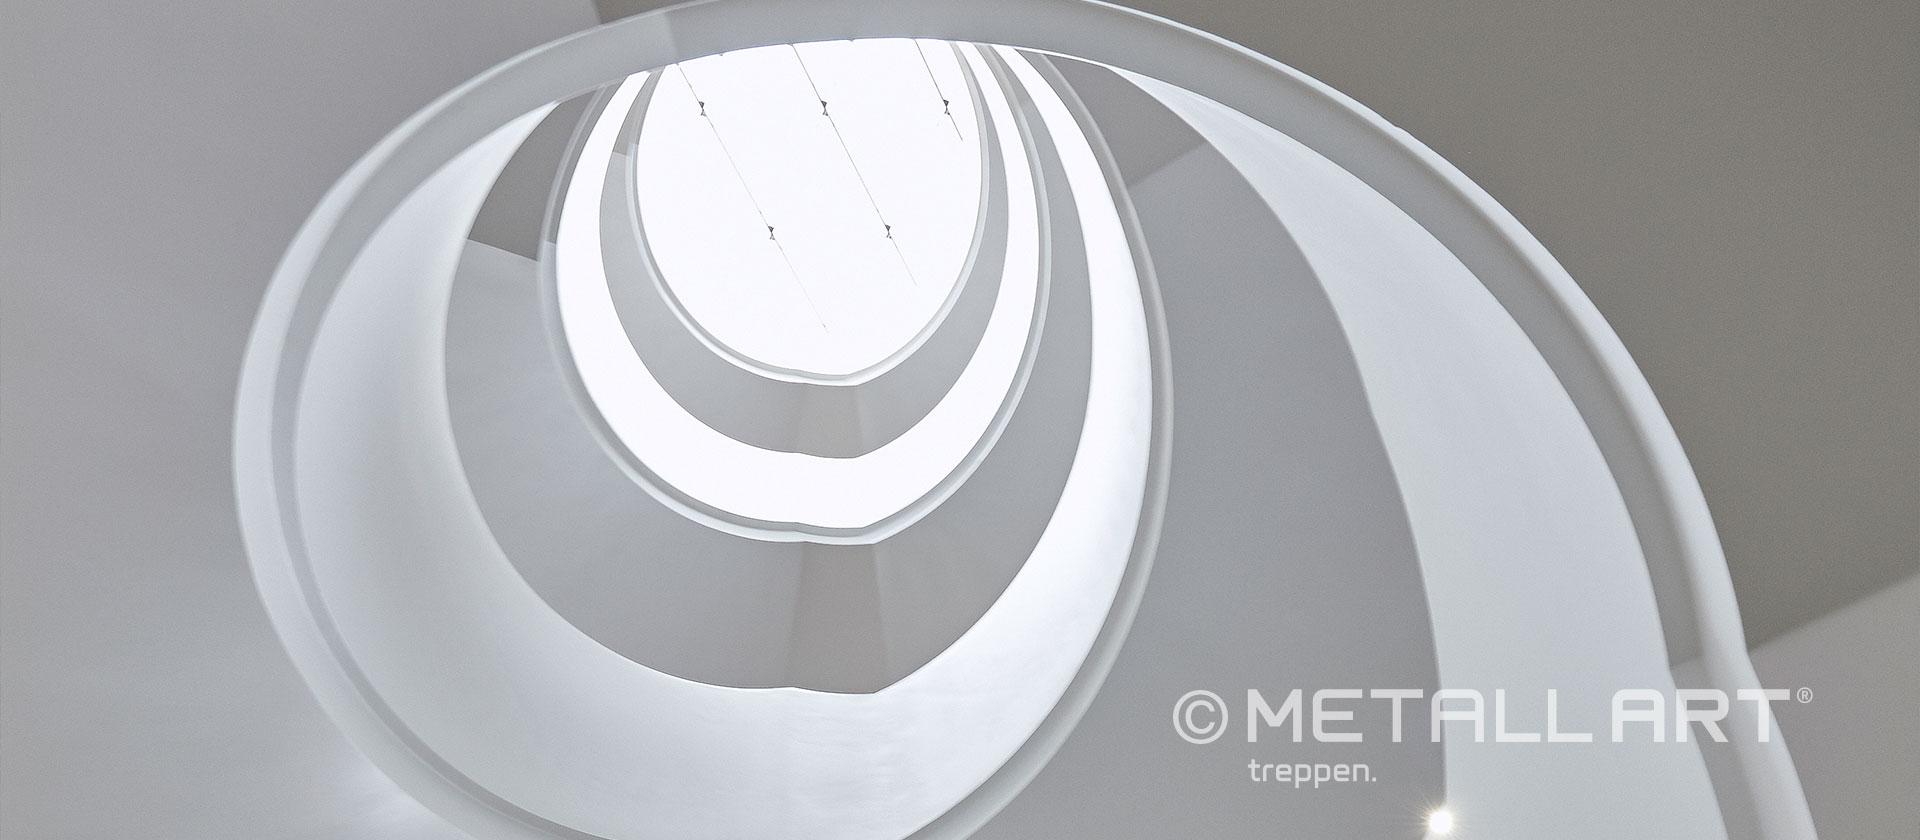 Gewendelte Treppe in weiß vier Etagen